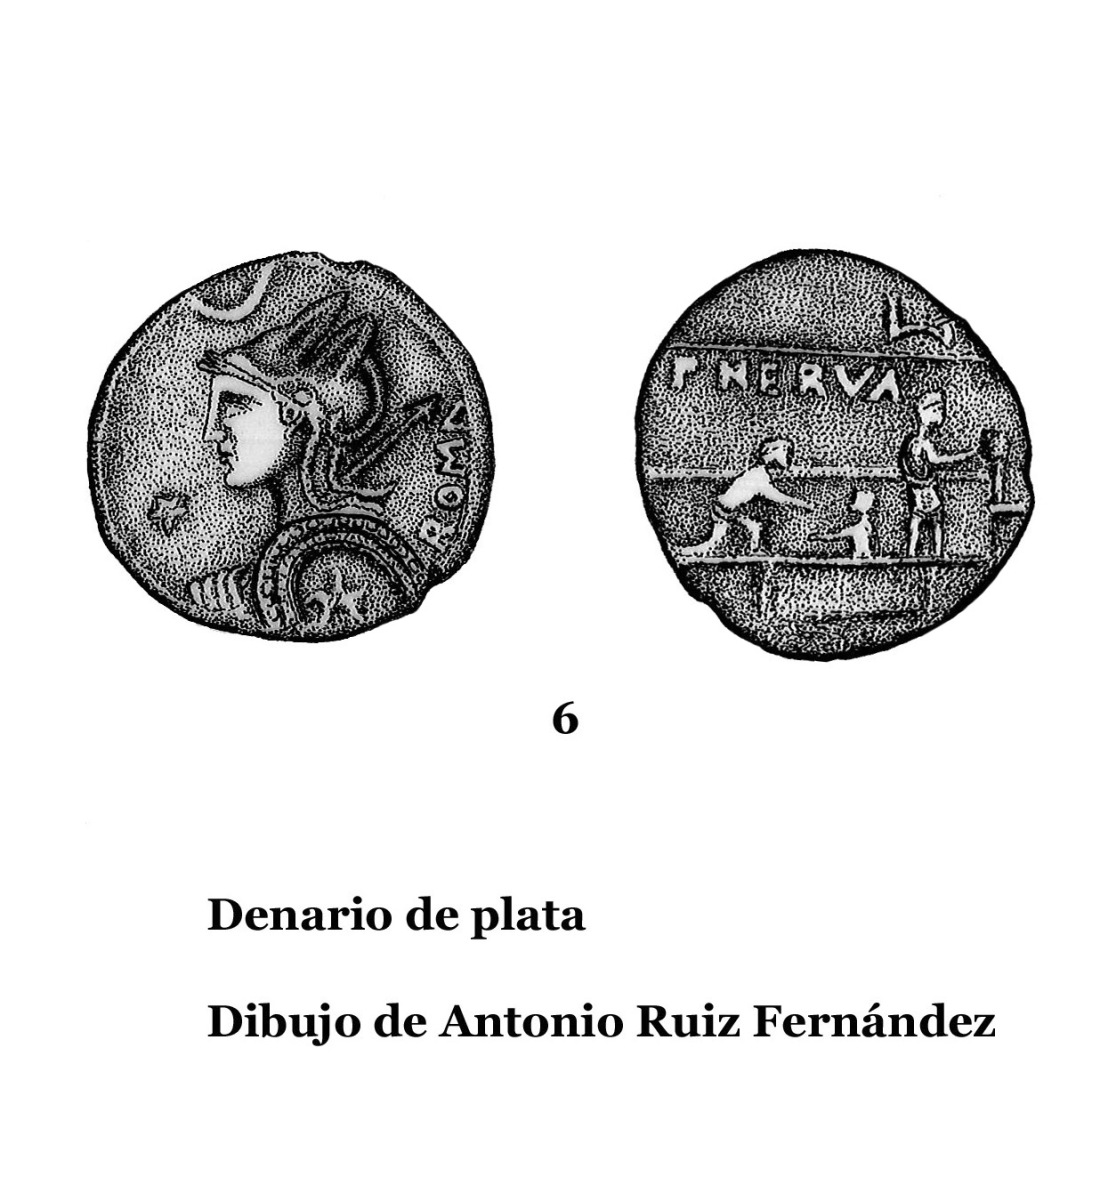 6DENARIOS DE PLATA, DIBUJOS 6 copia